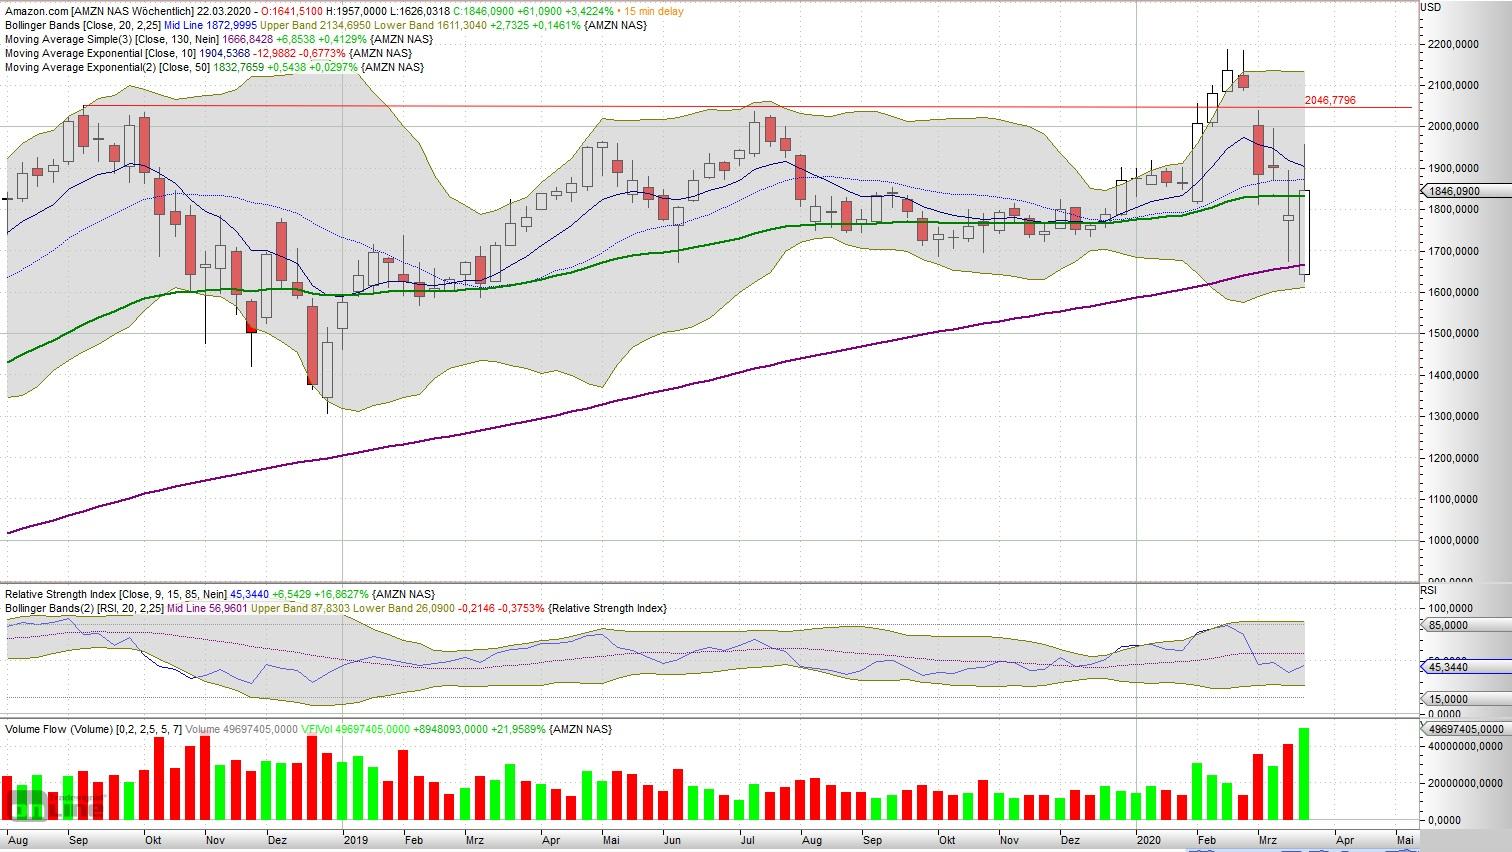 Welche Aktien trotzen dem Crash? - Wochen-Chart von Amazon